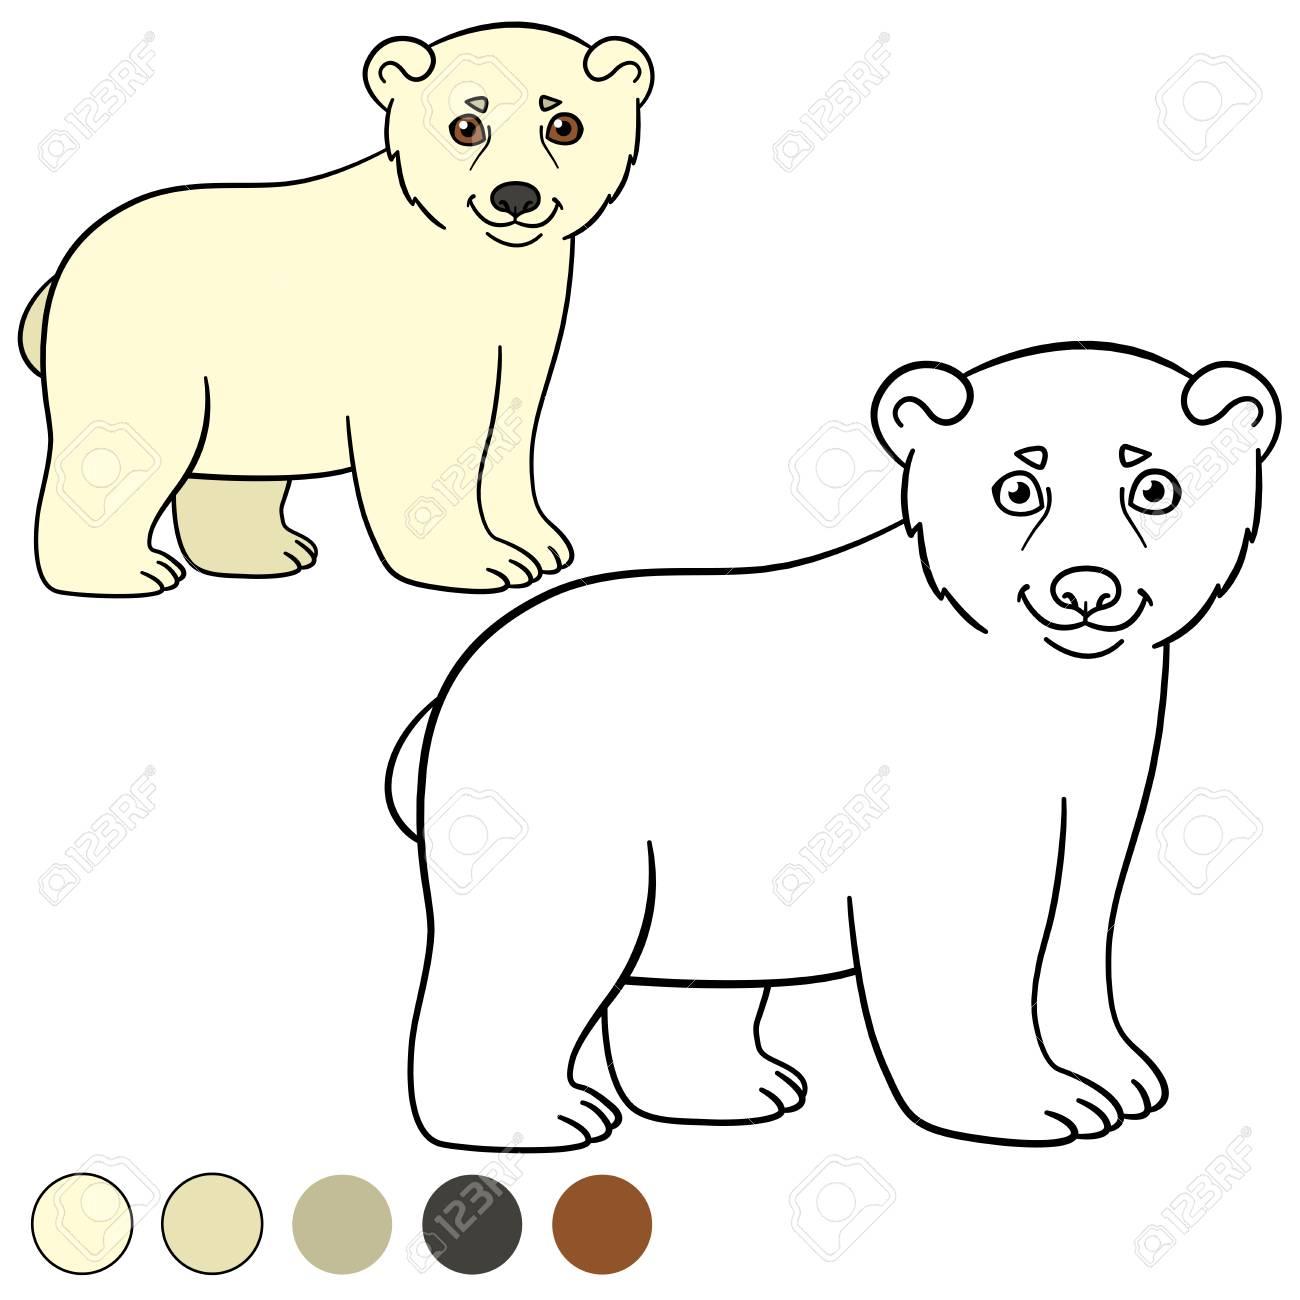 Dibujo Para Colorear Sonrisitas Del Oso Polar Del Bebe Lindo